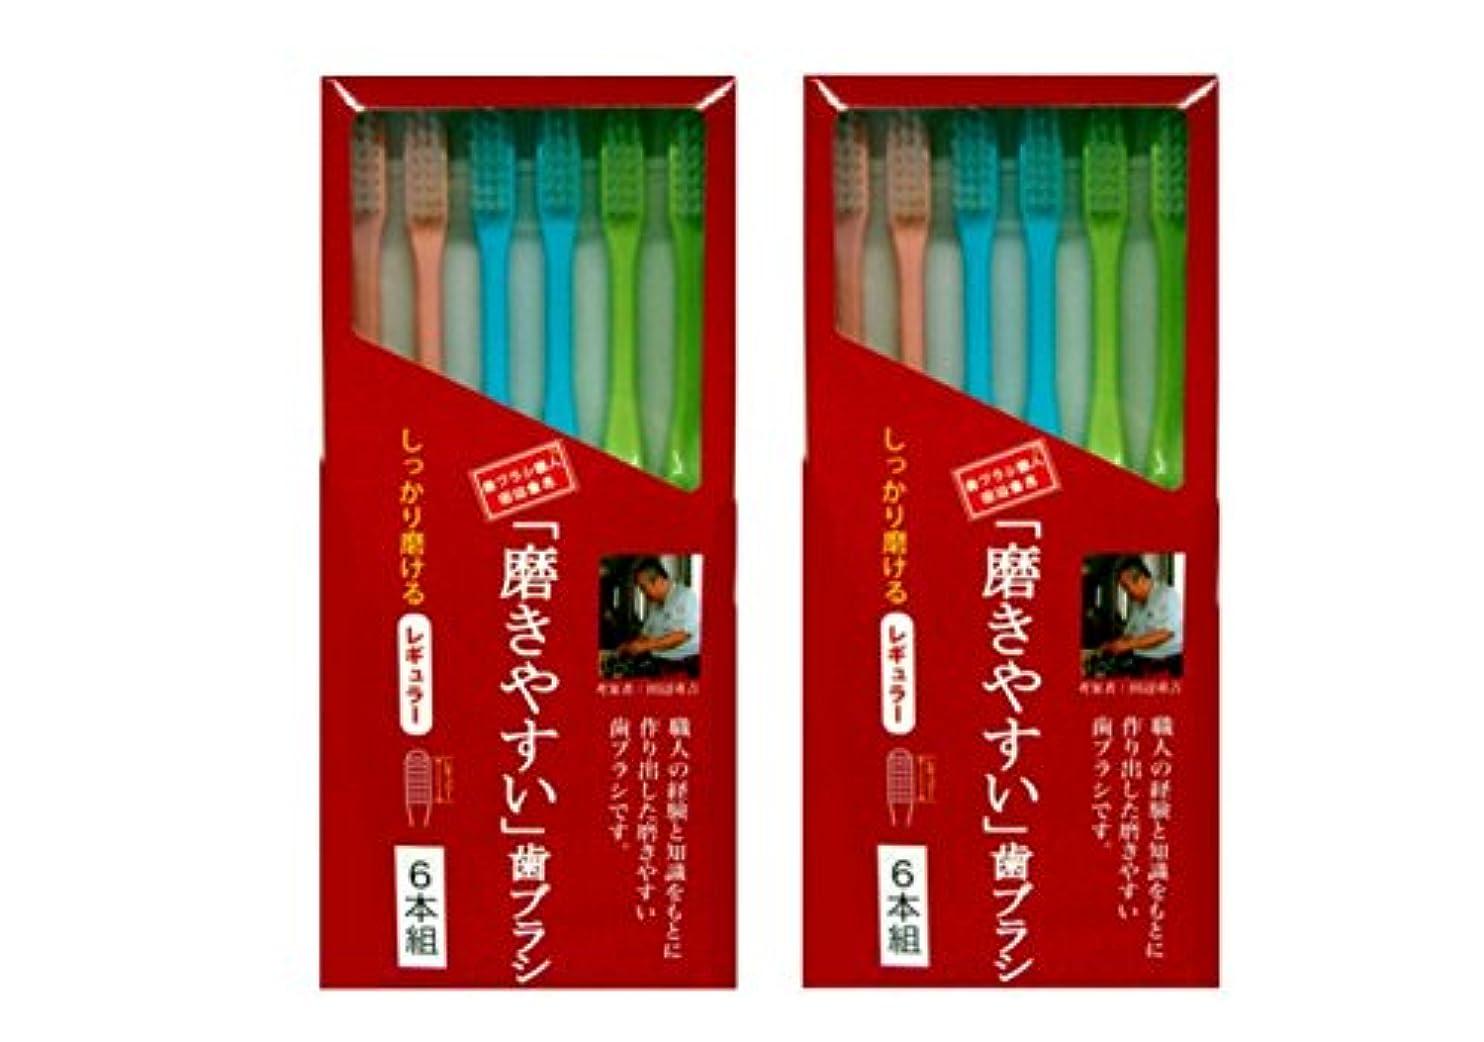 レビュー測定可能大胆不敵磨きやすい歯ブラシ 6本組 レギュラータイプ×2個セット